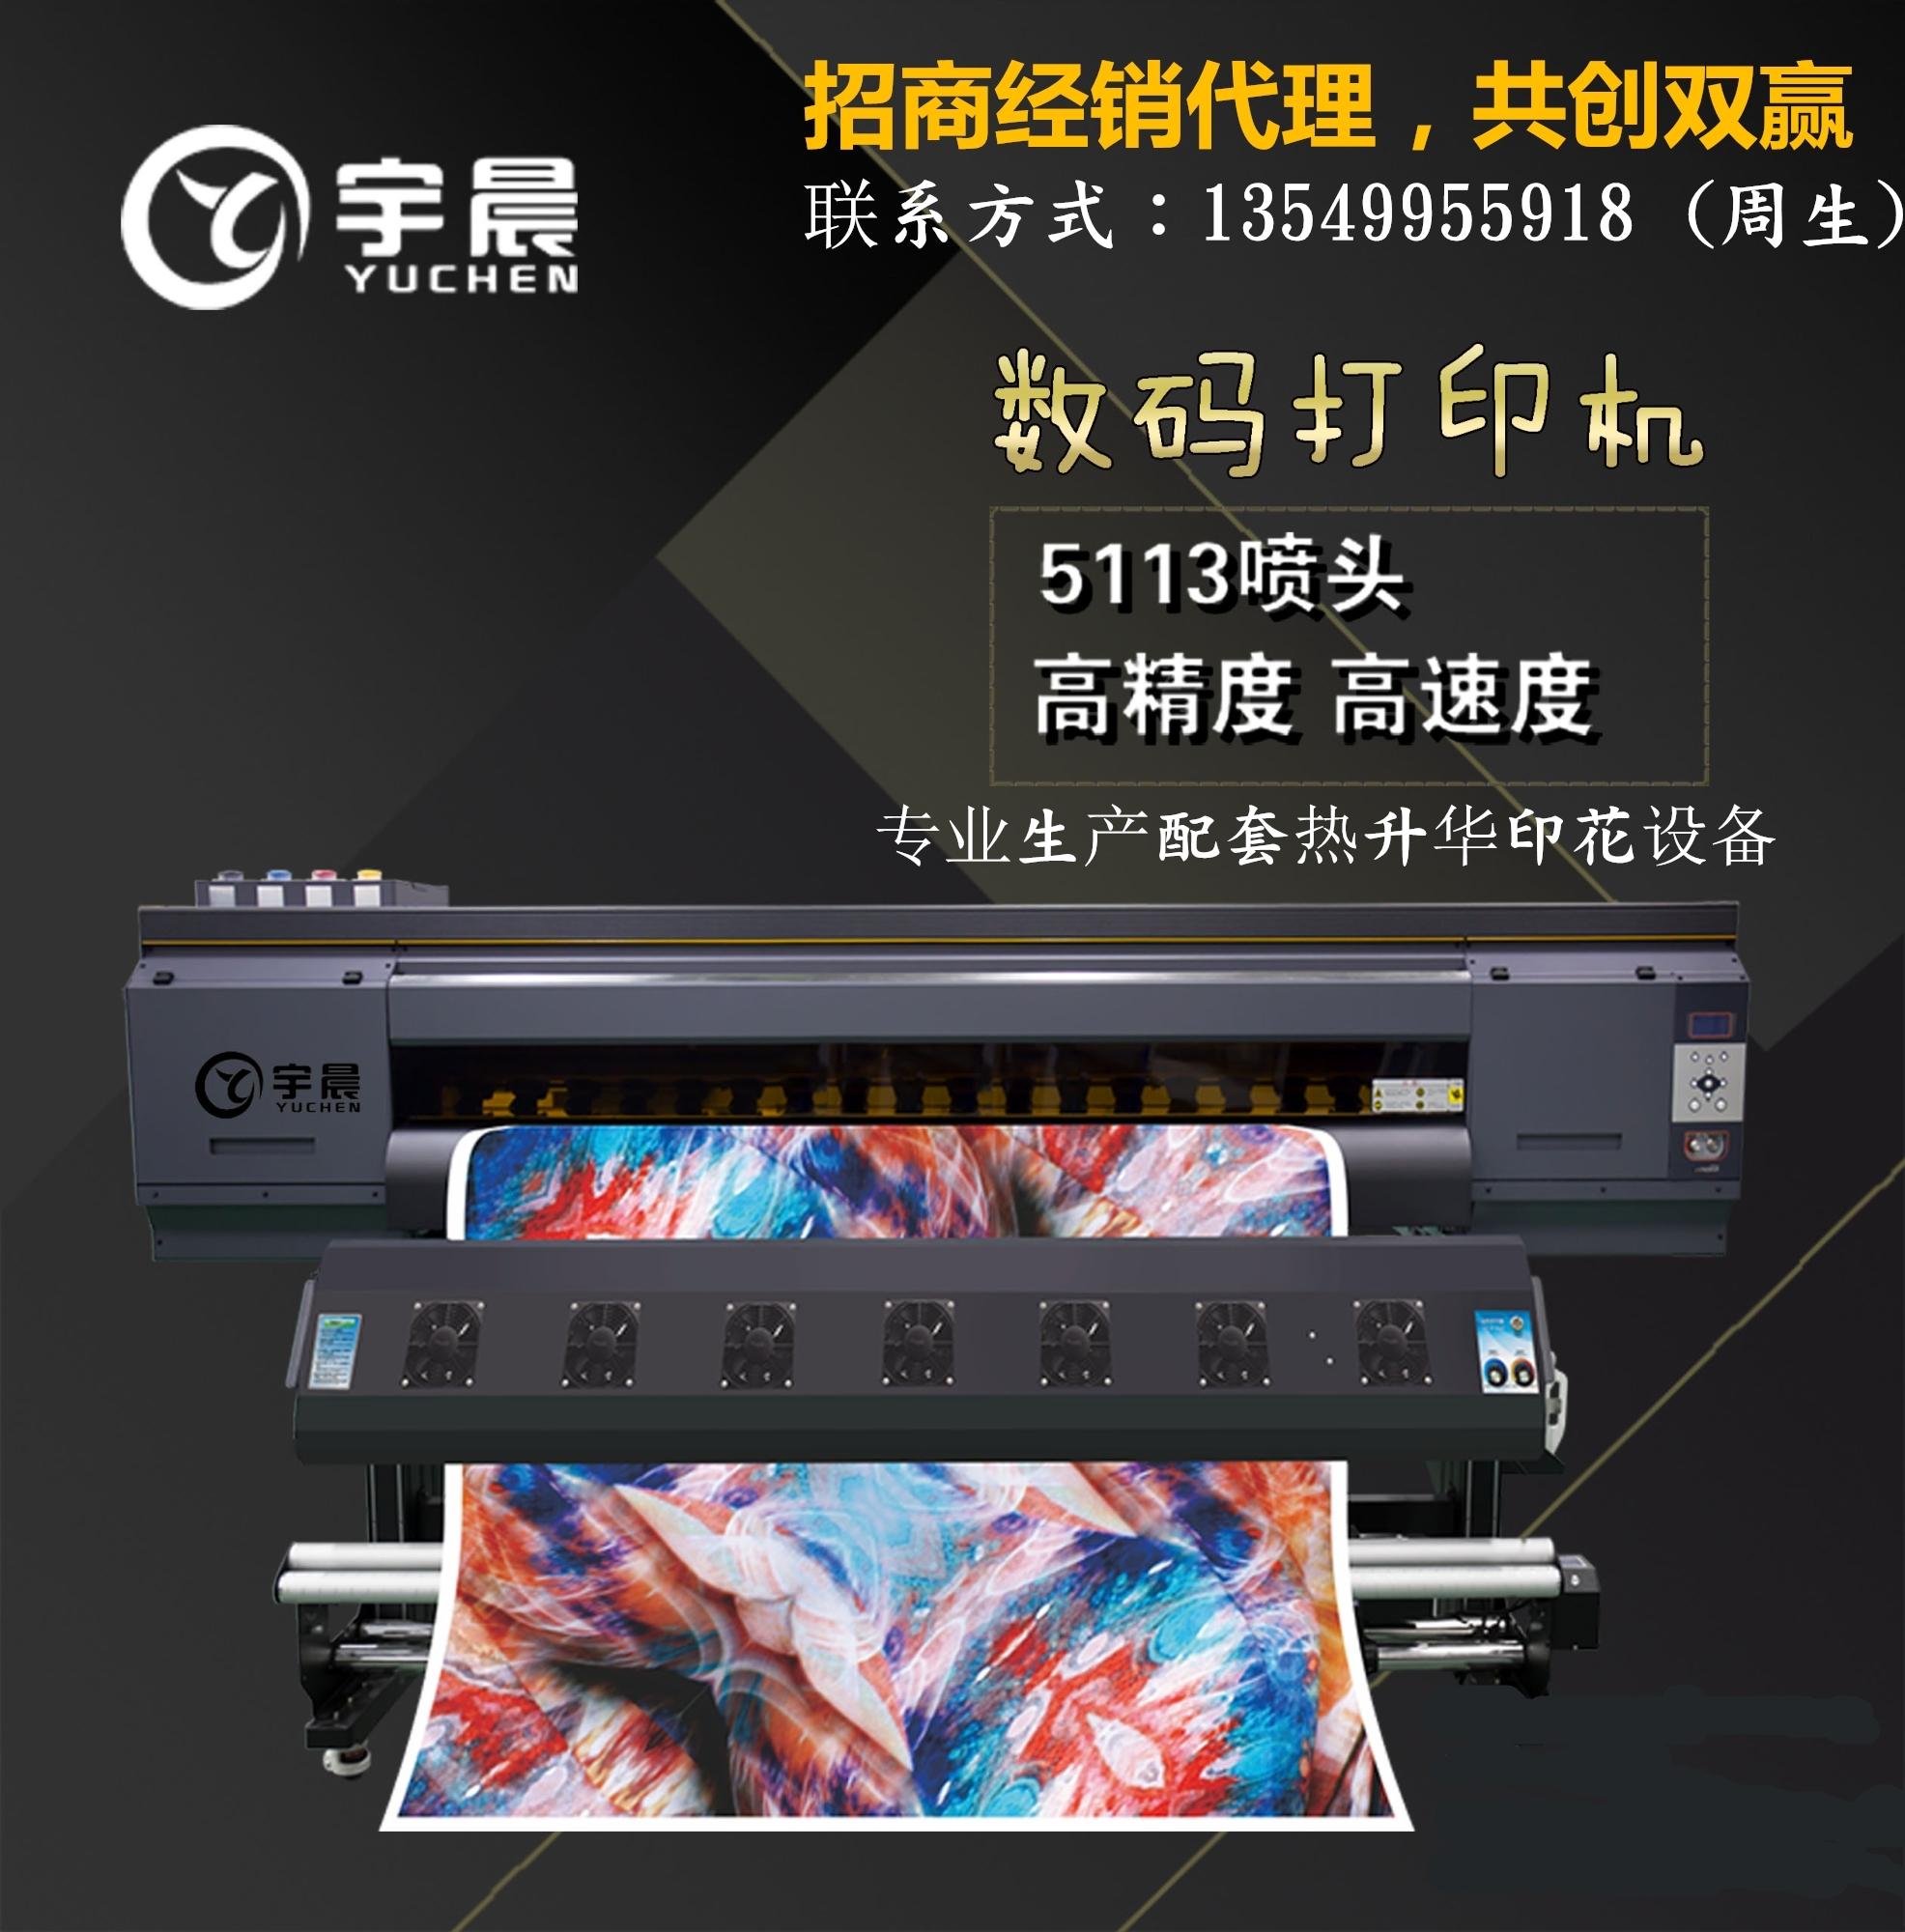 宇晨數碼生產1800服裝數碼印花機熱轉移印花機數碼打印機國產打印機